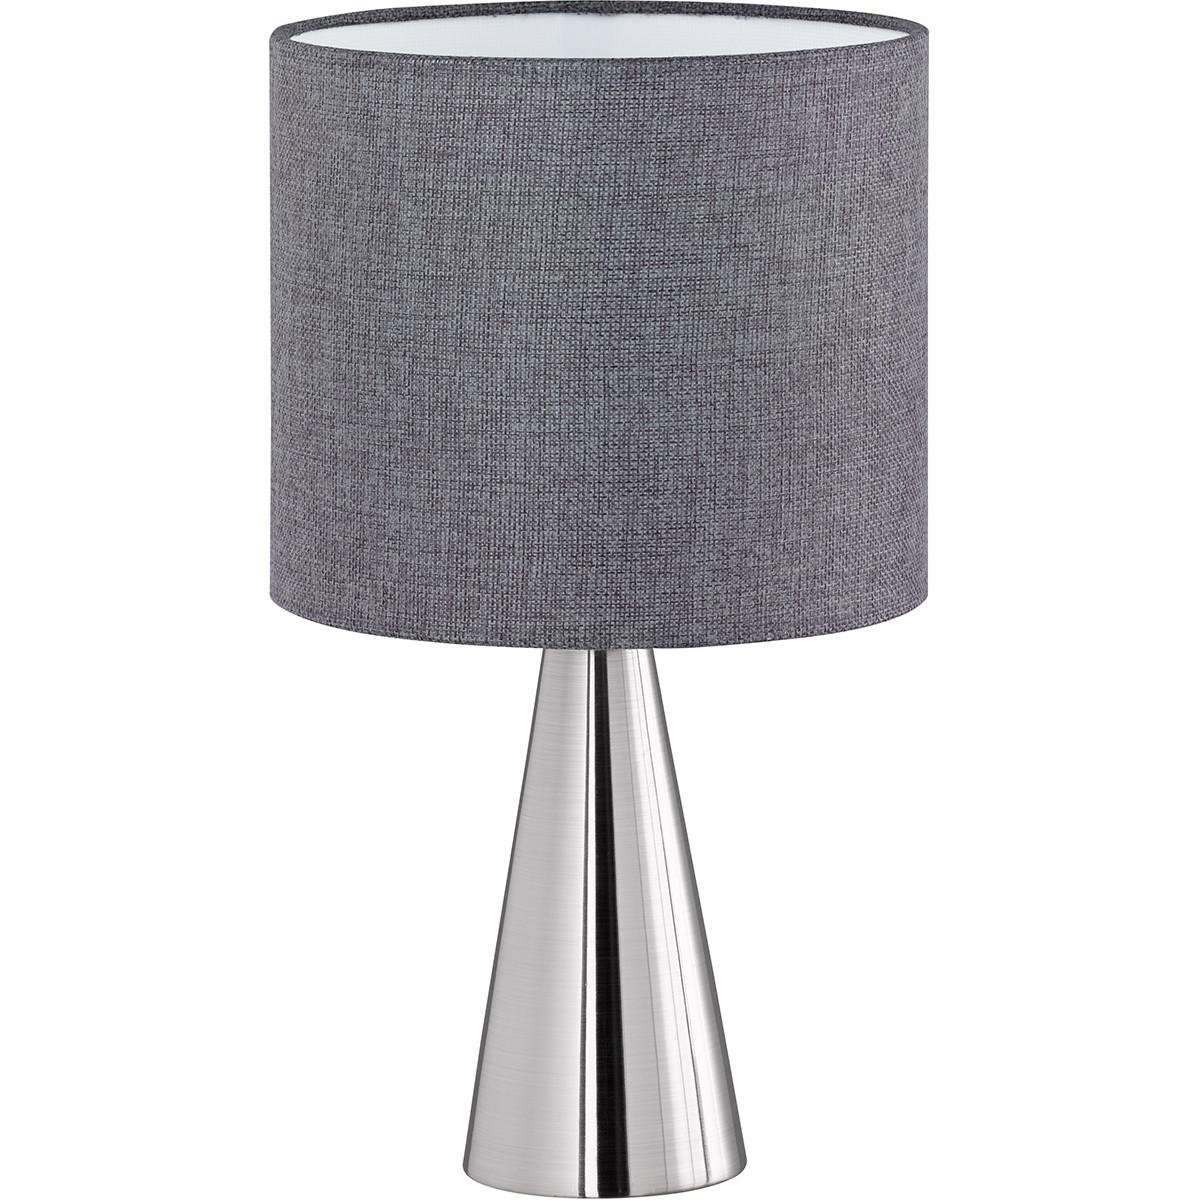 LED Tafellamp - Tafelverlichting - Trion Tinomi - E14 Fitting - Rond - Mat Nikkel - Aluminium